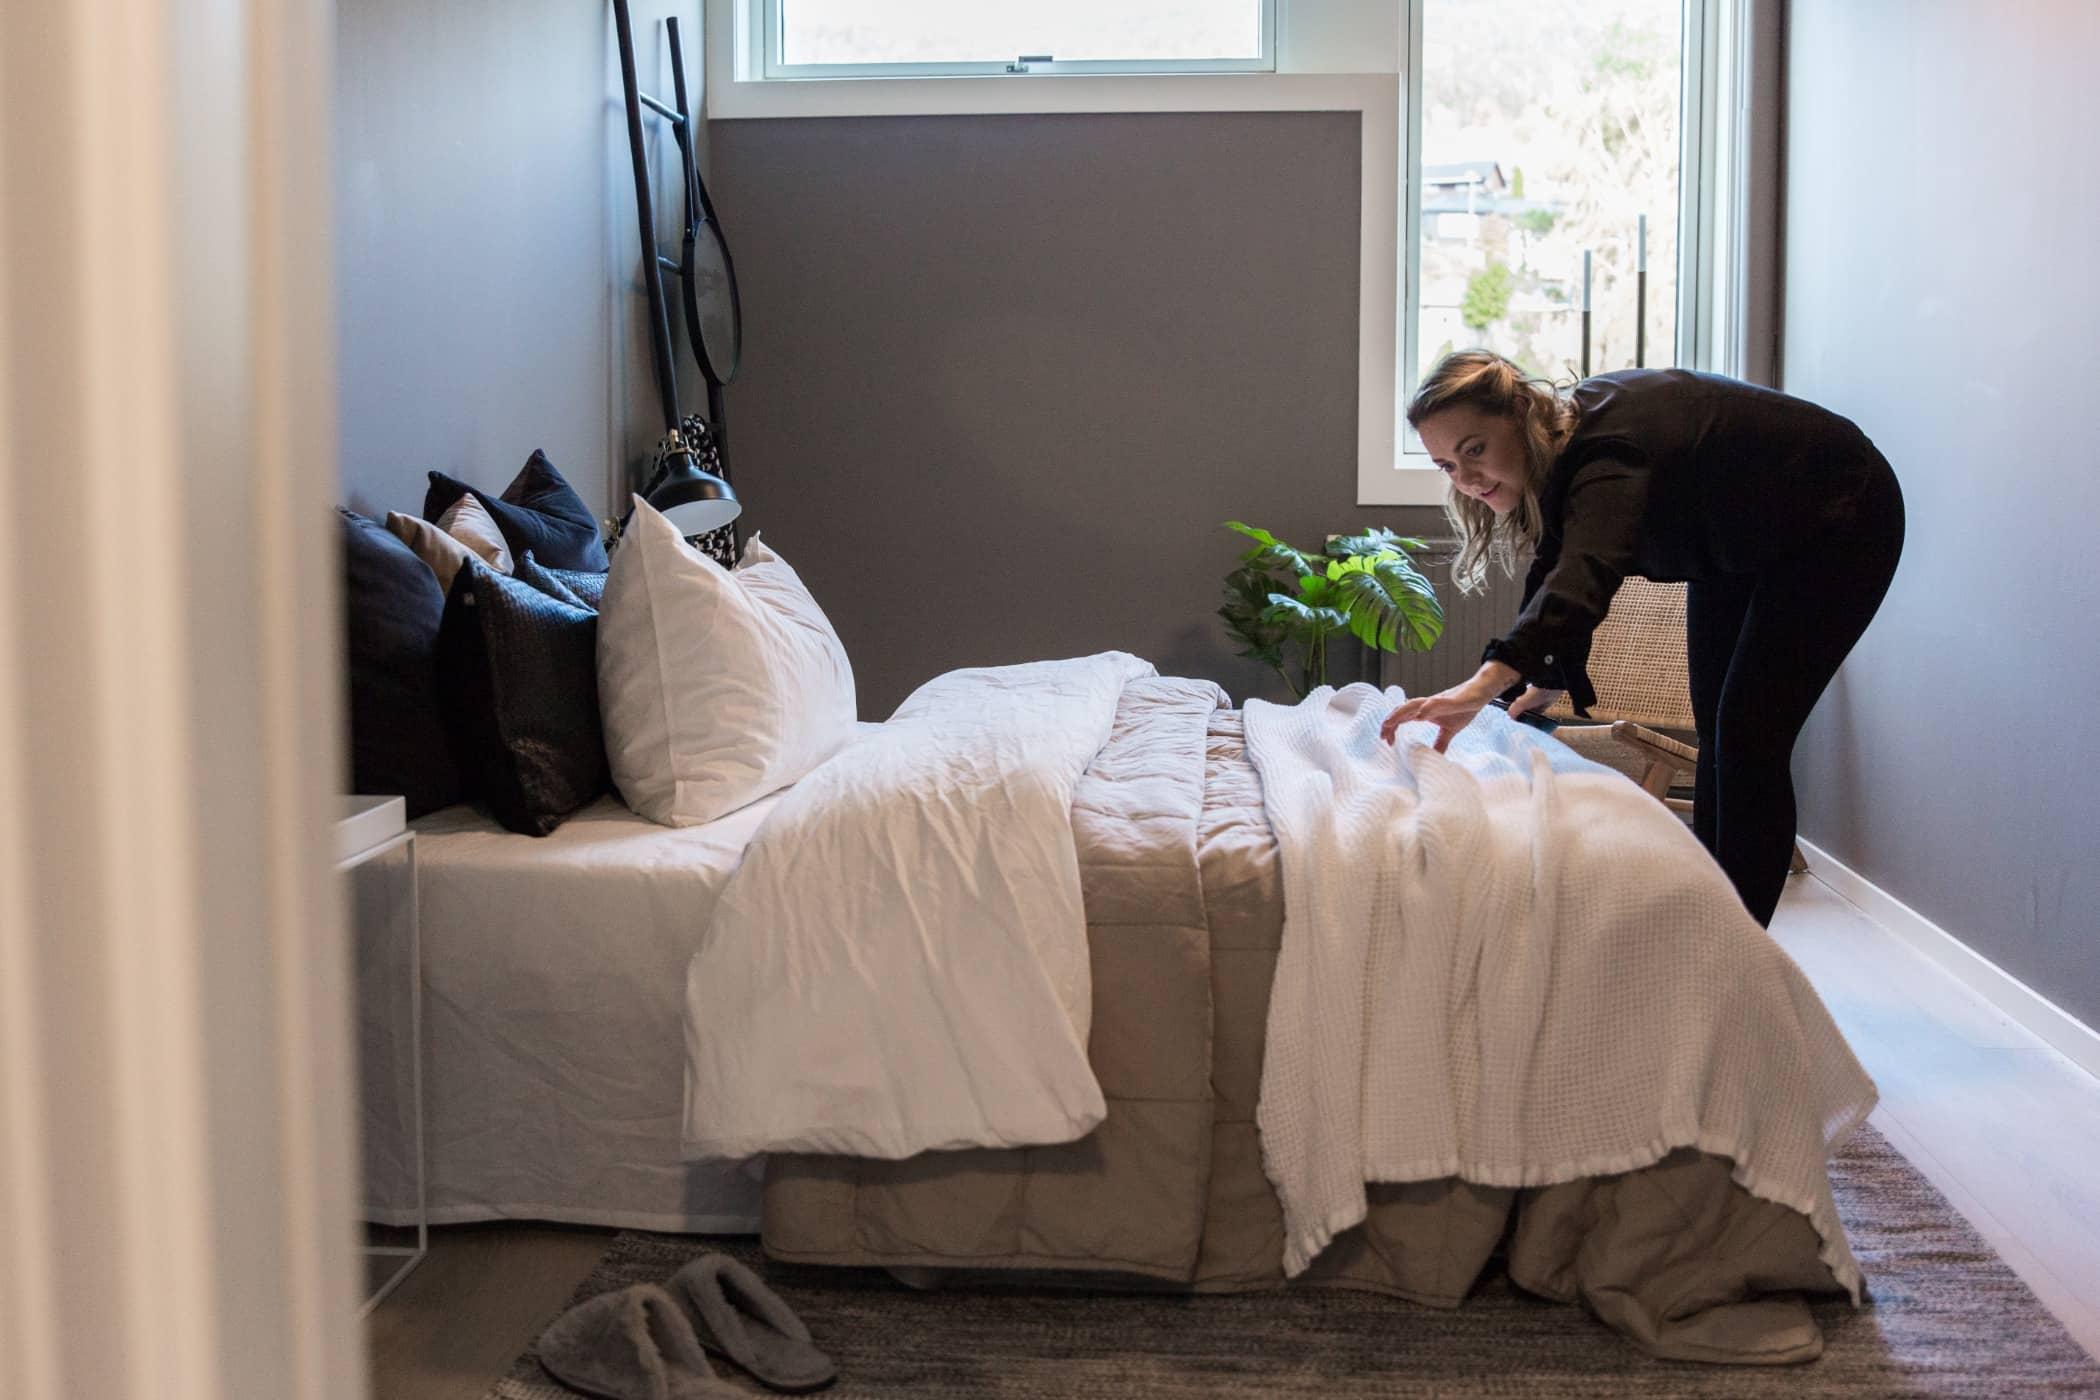 Bed frame, Bedding, Furniture, Room, Bedroom